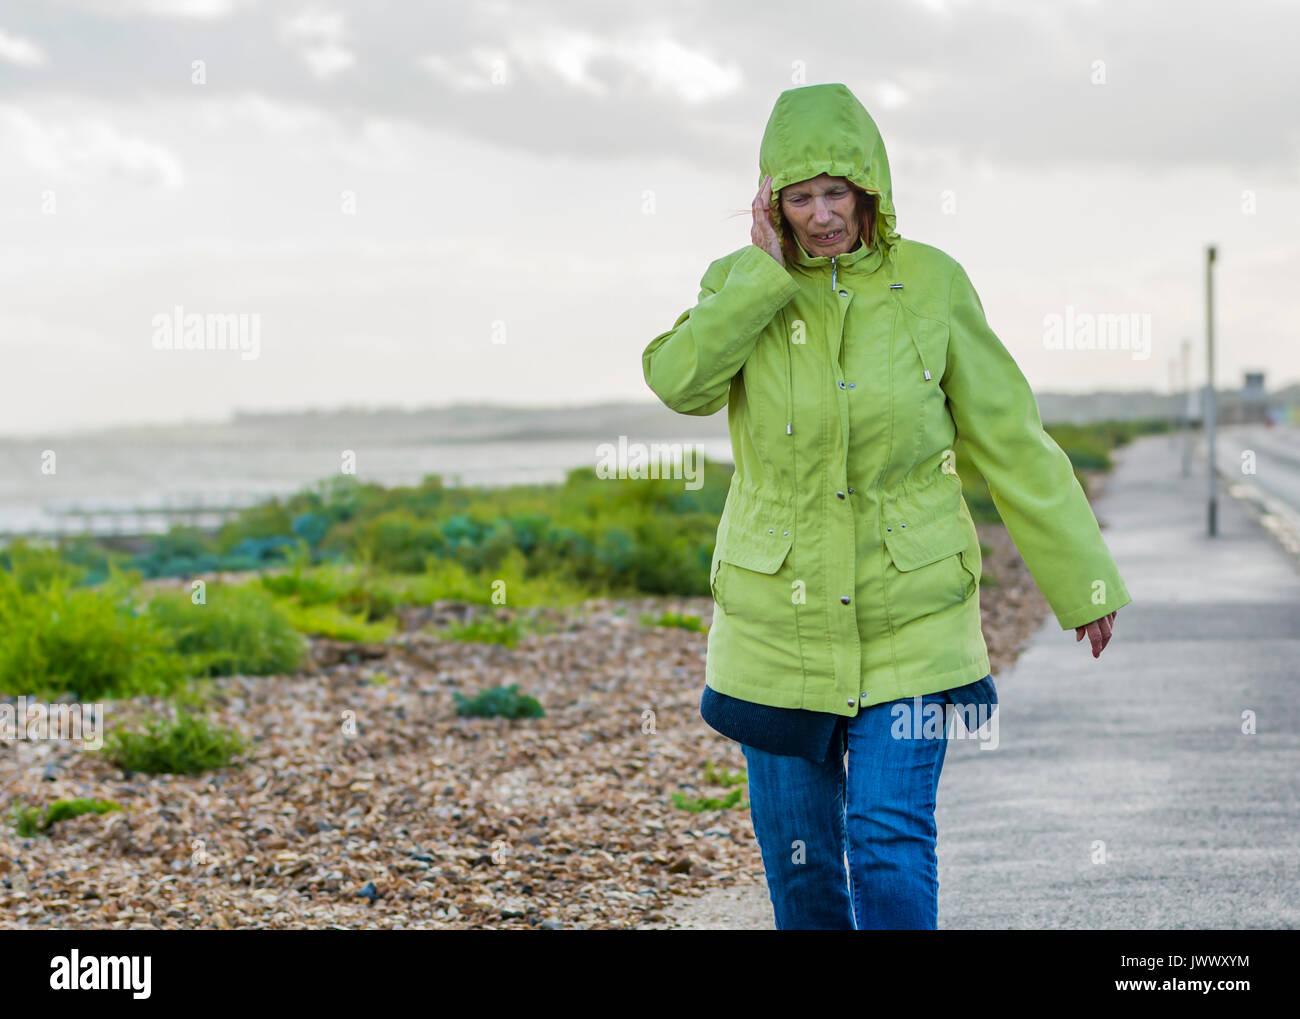 Donna anziana a piedi lungo una strada lungomare in umido nuvoloso e ventoso, mantenendo le sue orecchie calde. Immagini Stock